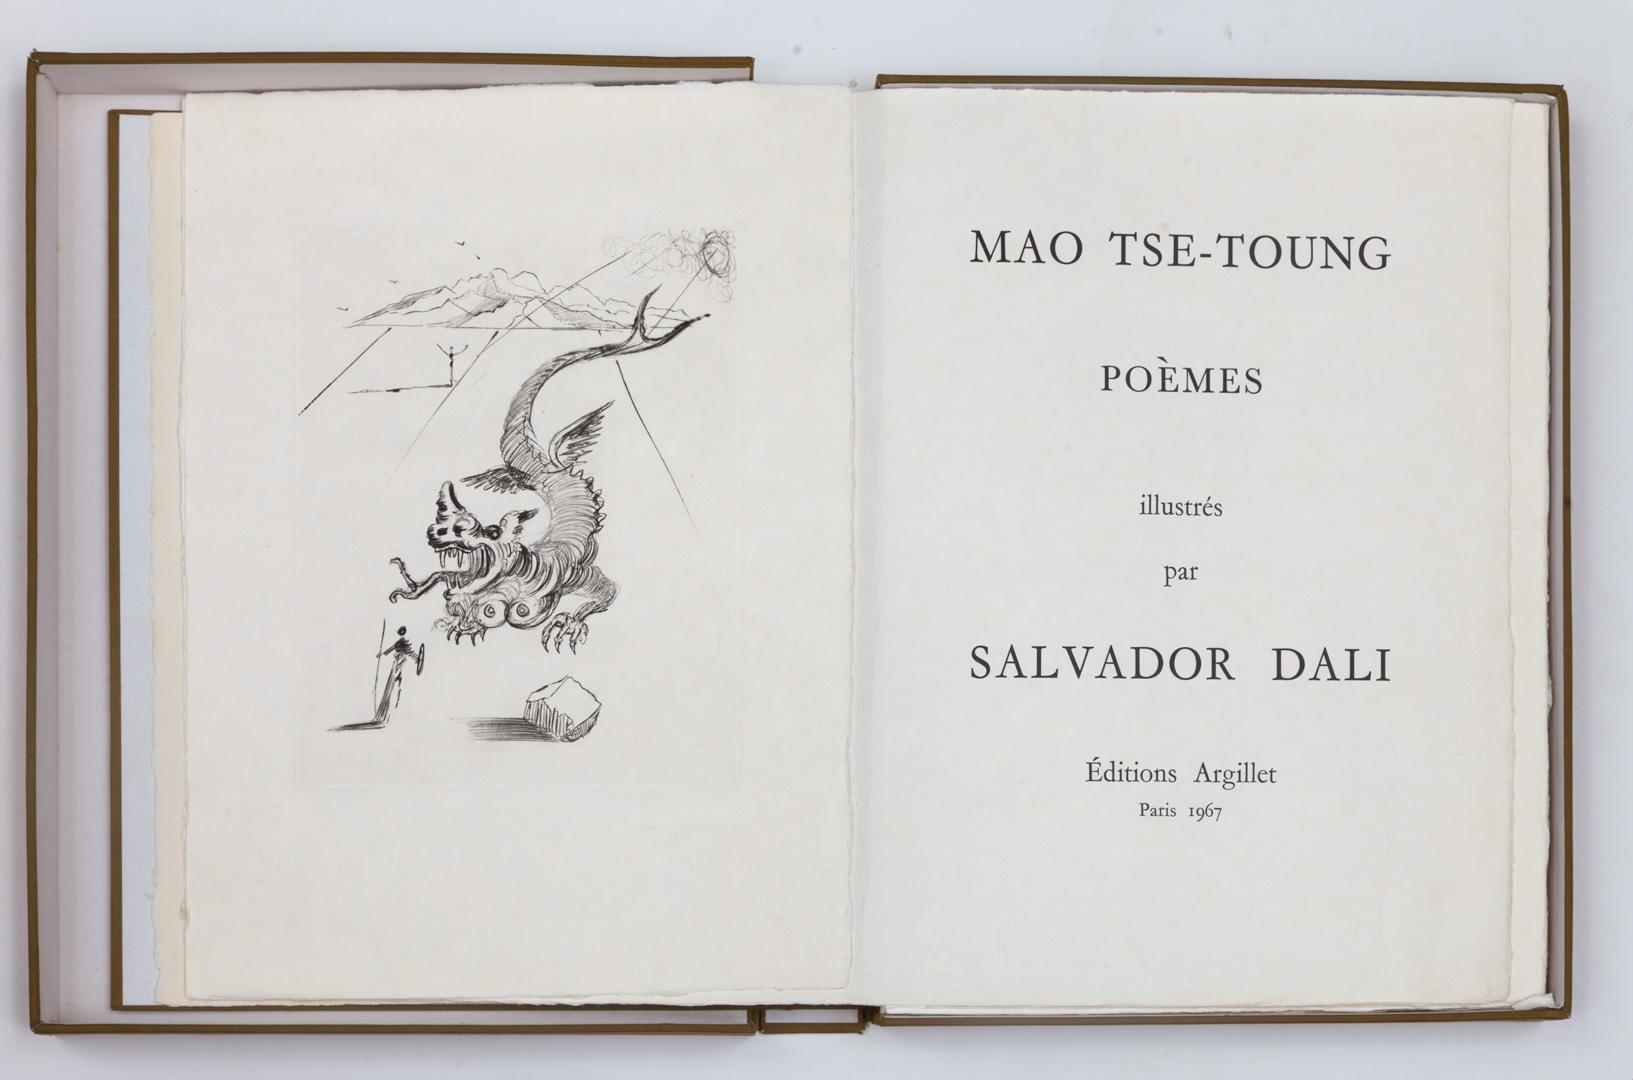 сборник стихов Мао Цзэдуна с иллюстрациями Дали